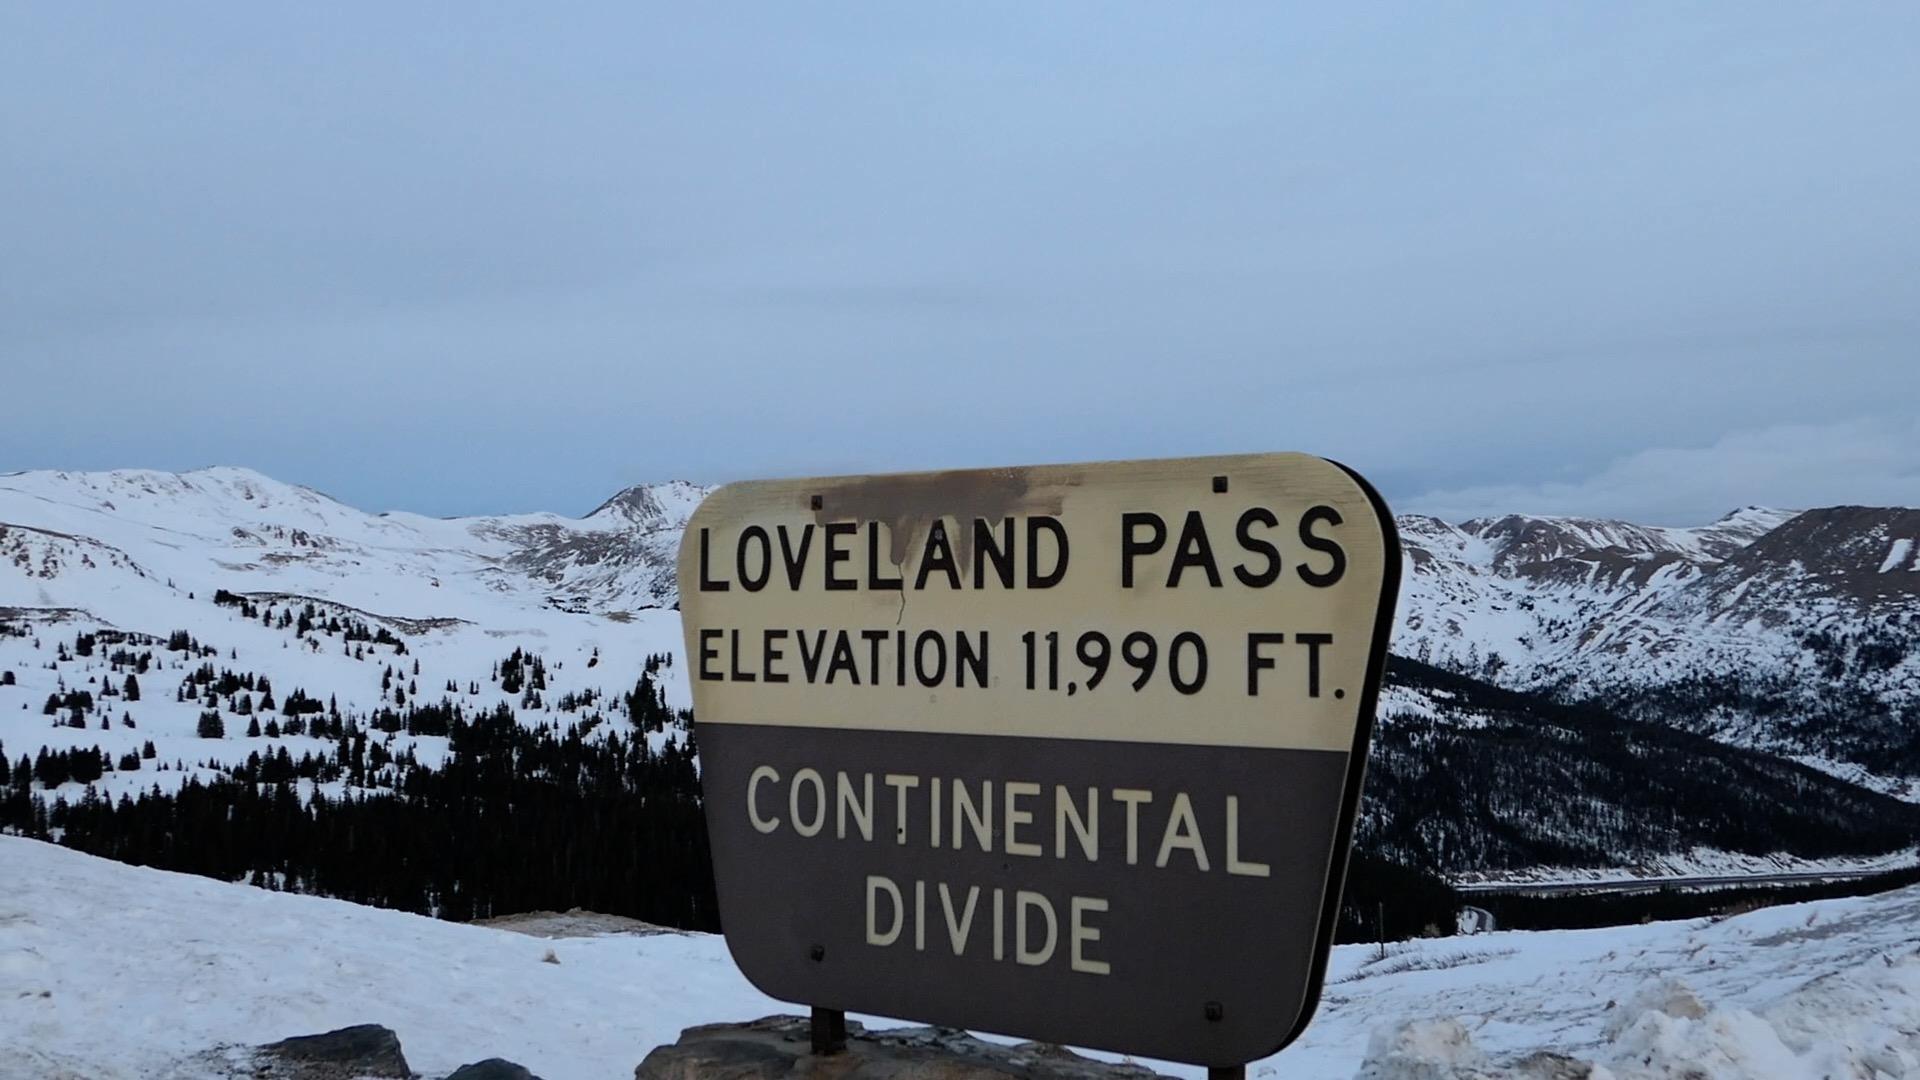 loveland pass sign.jpg